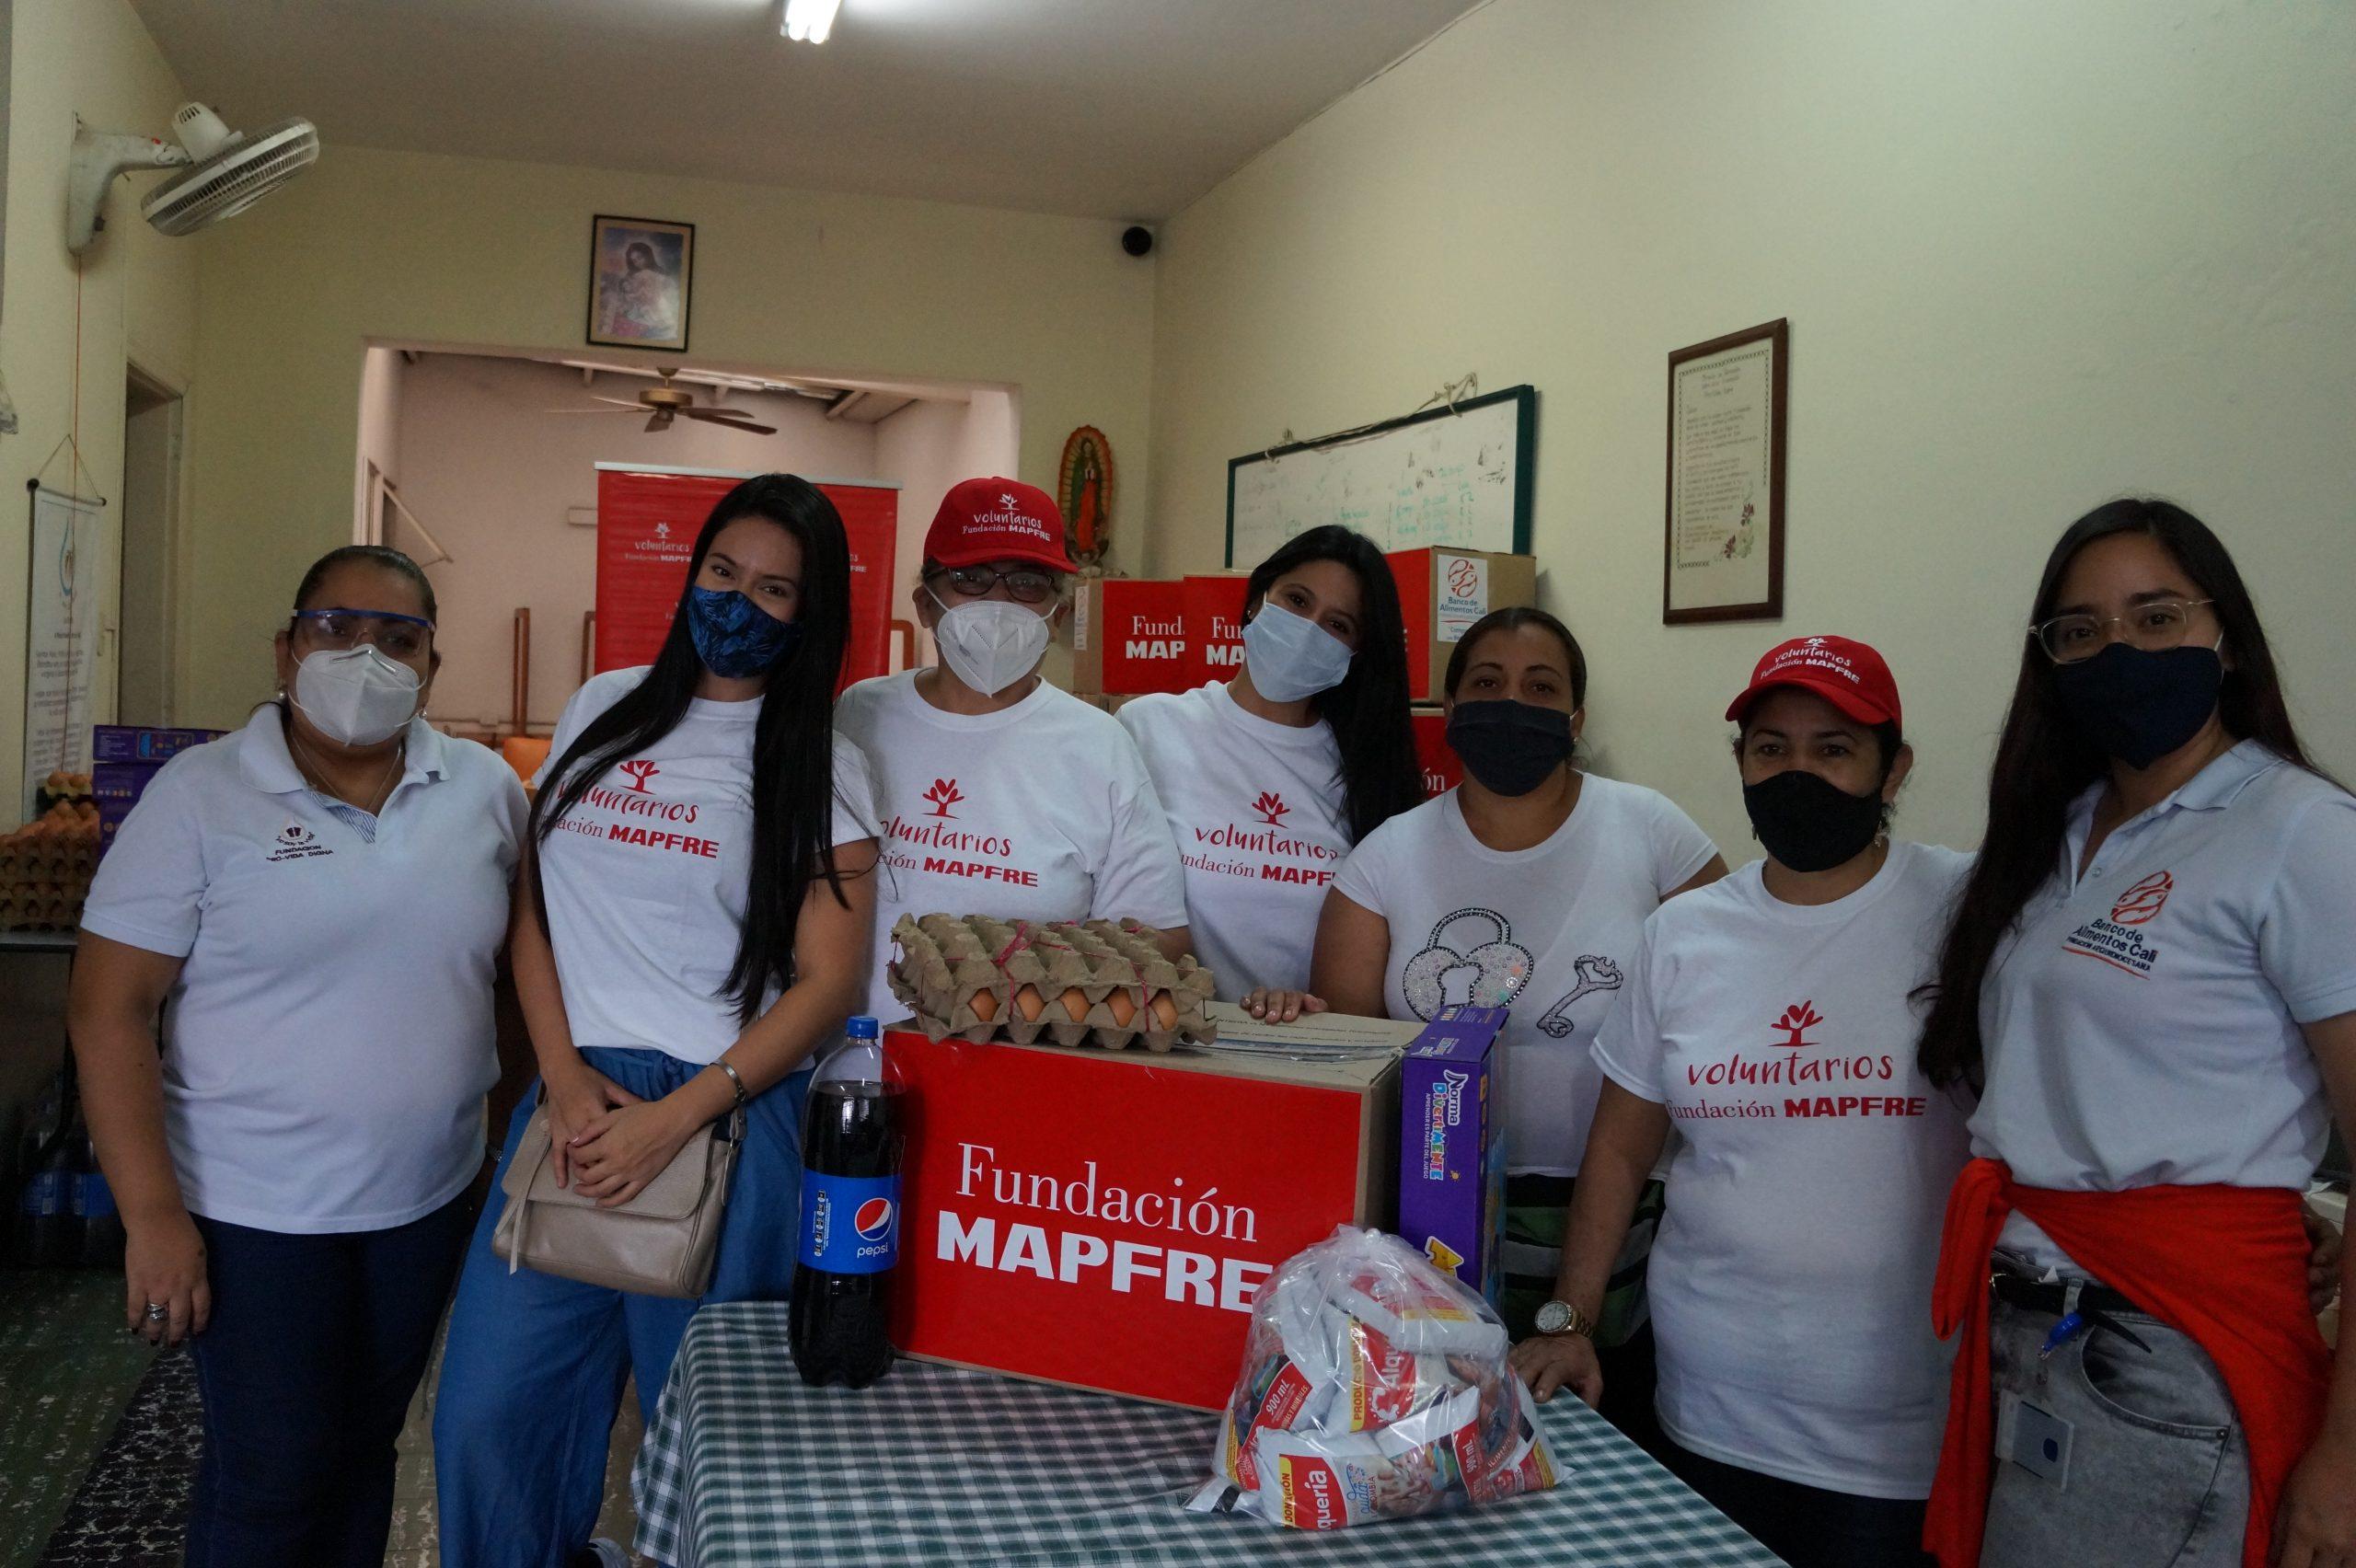 Entrega Donaciones Mapfre FUndación pro vida digna Mujeres lactantes (15)